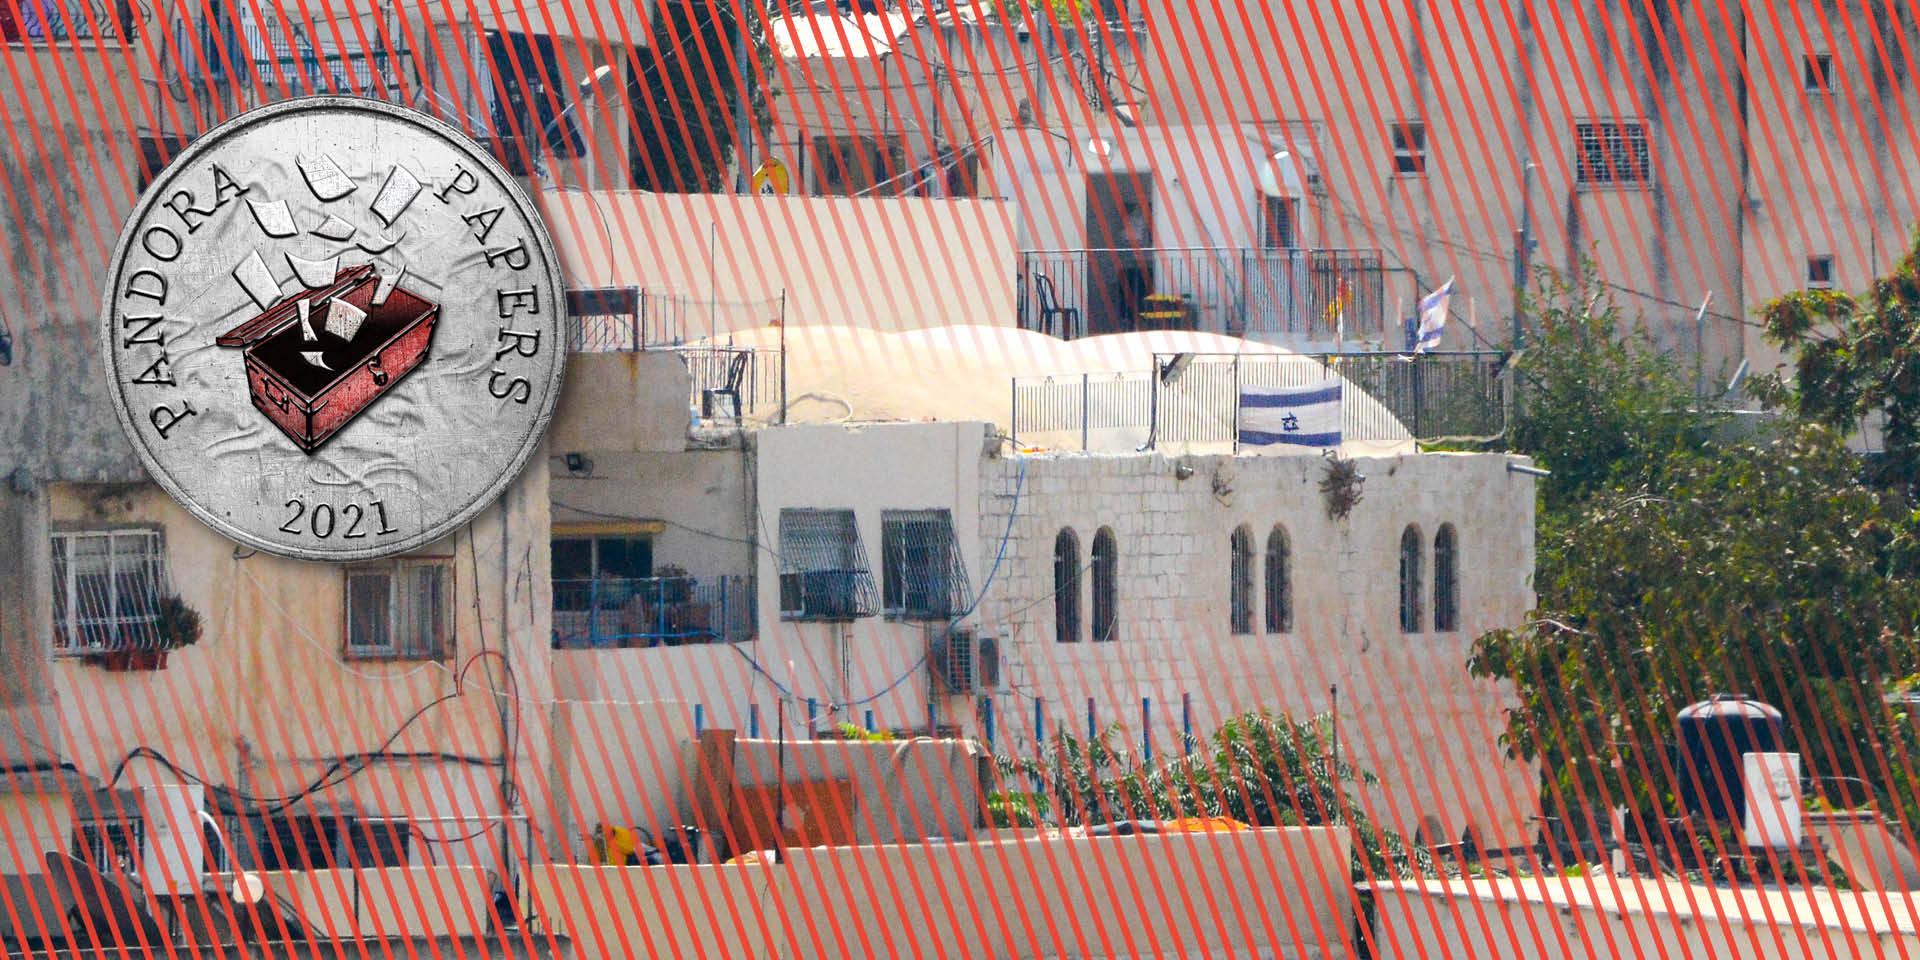 בית יונתן בבעלות עטרת כהנים במזרח ירושלים. צילום: דוד וינוקור